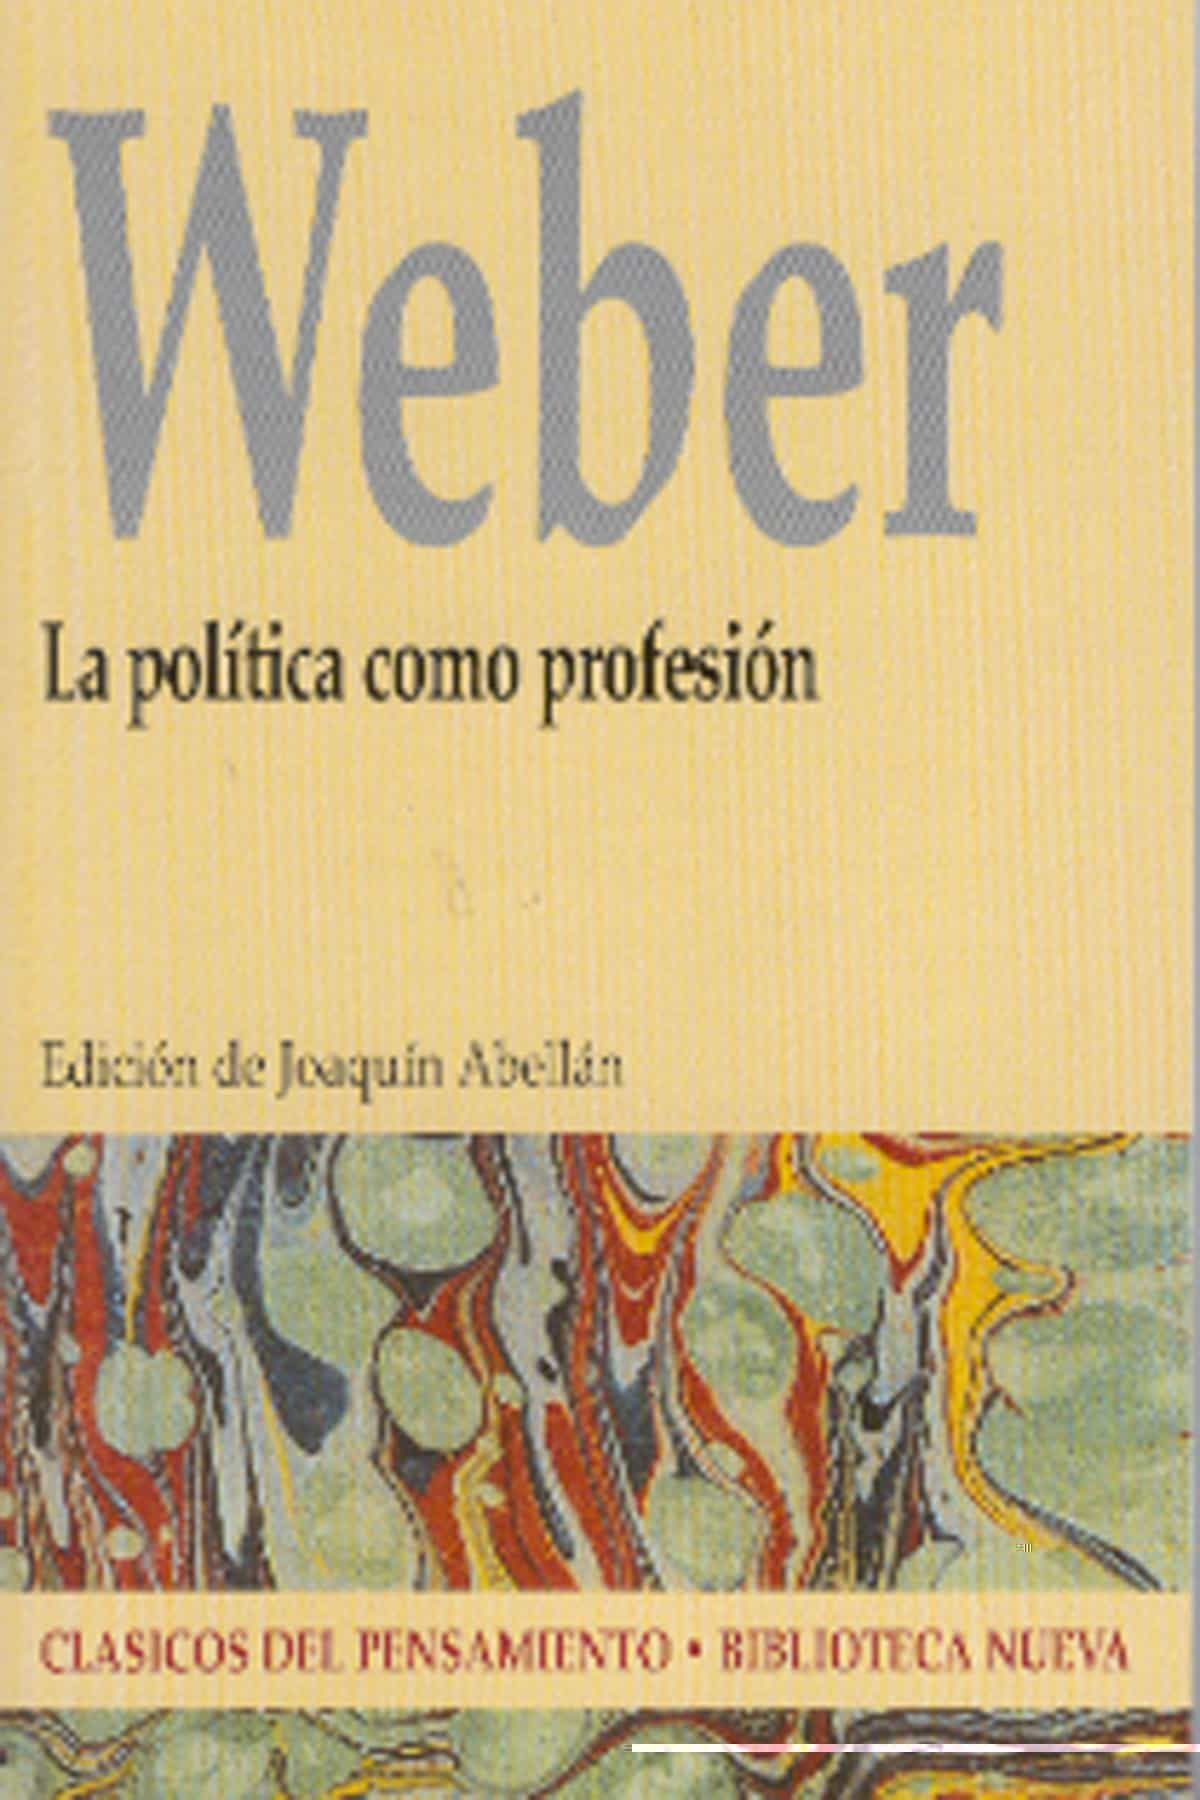 La Politica Como Profesion por Max Weber Gratis